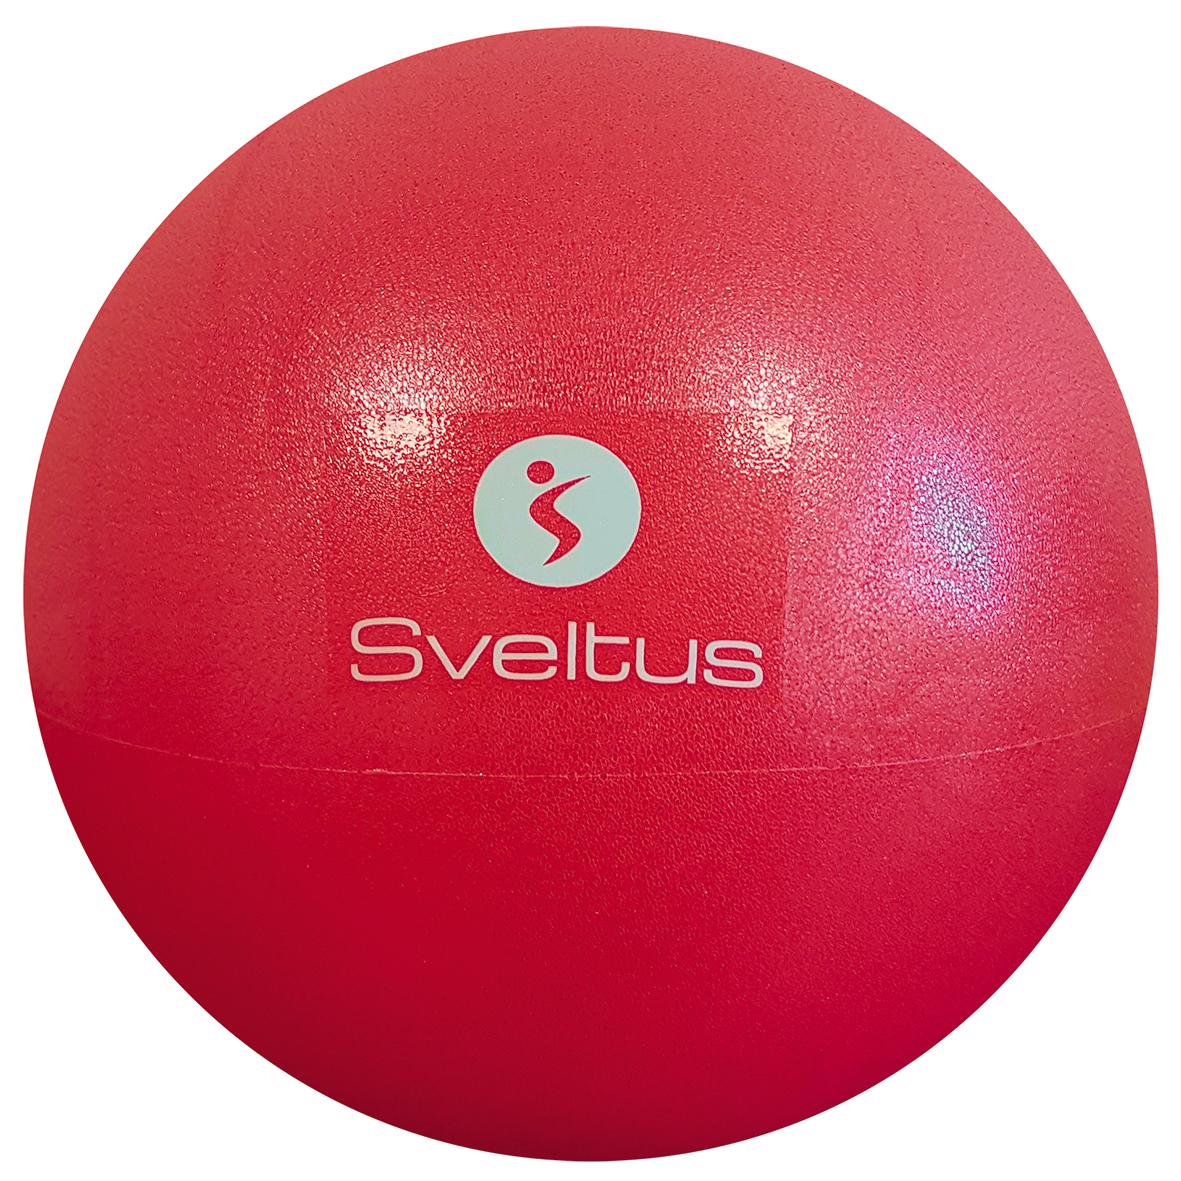 Détails Sveltus Ballon pédagogique rouge 26cm